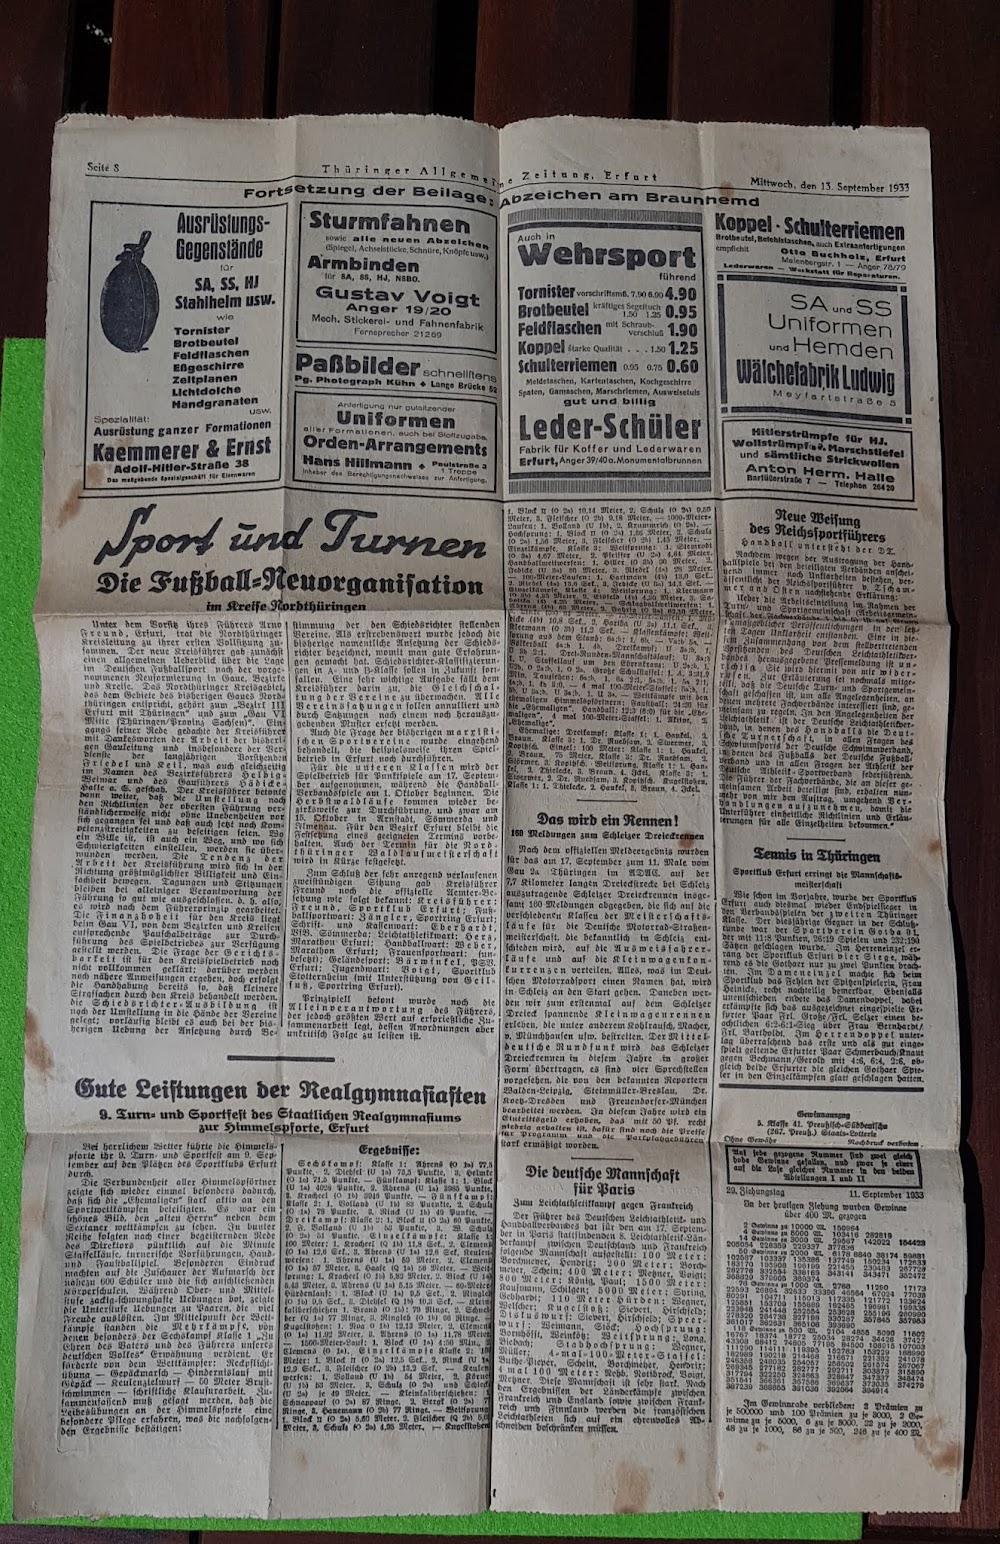 Thüringer Allgemeinen Zeitung vom 13. September 1933, Anzeigen für SA- und SS-Uniformen